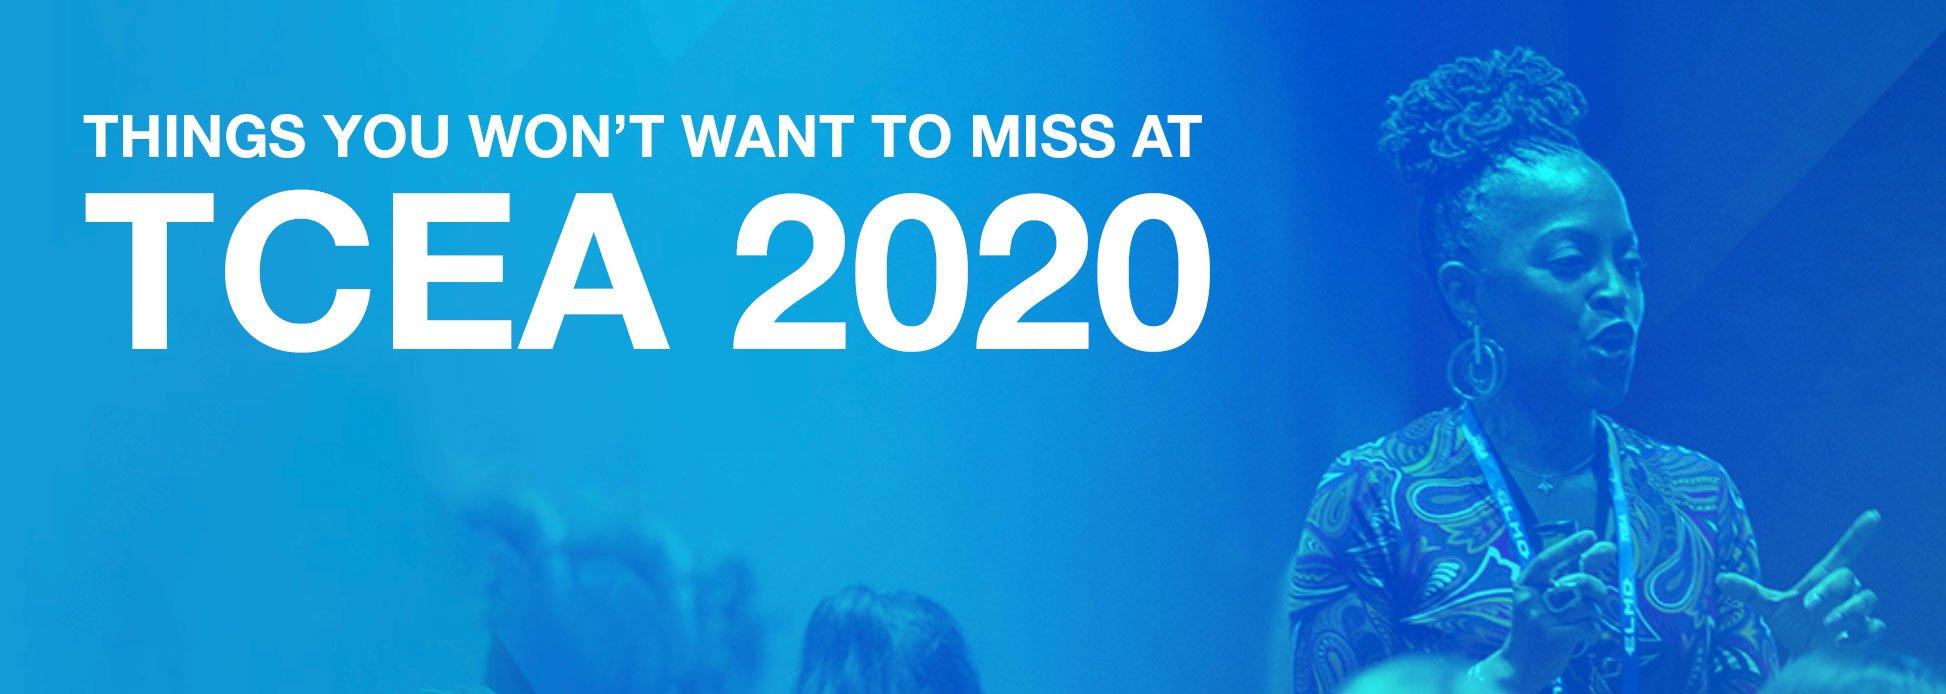 tcea-2020-blog